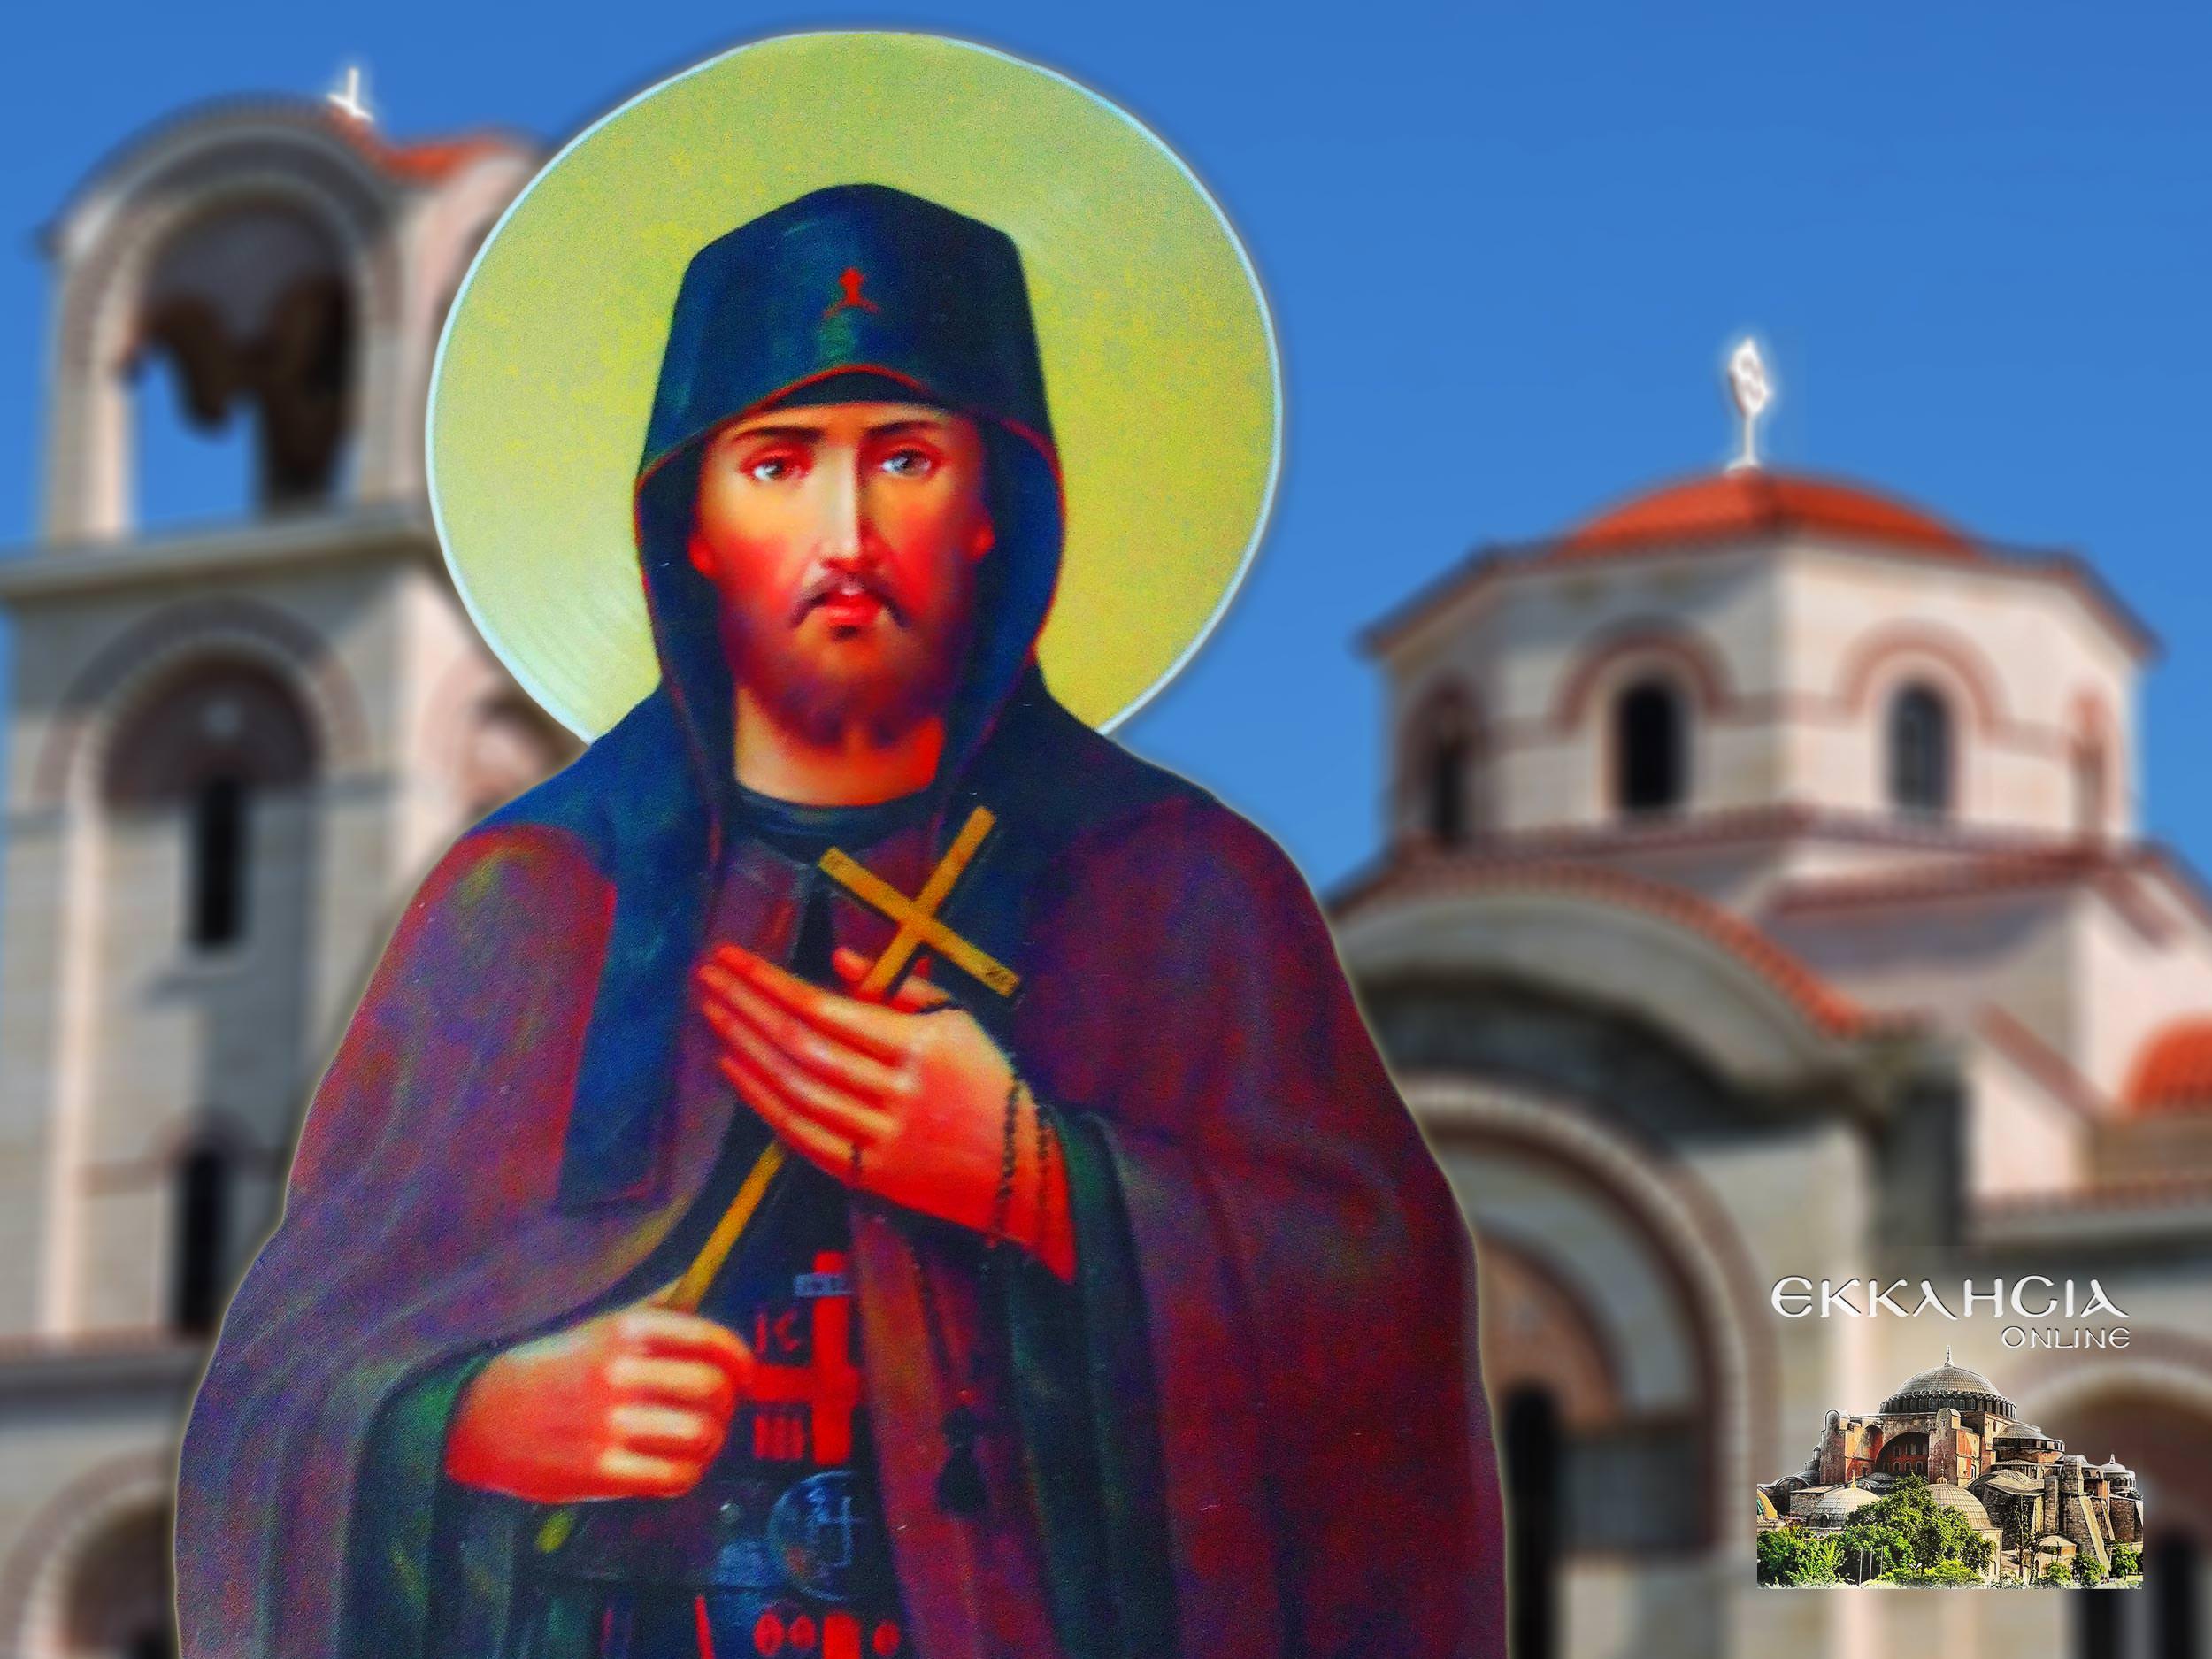 Άγιος Νικήτας Νεομάρτυρας Σερρών 19 Φεβρουαρίου